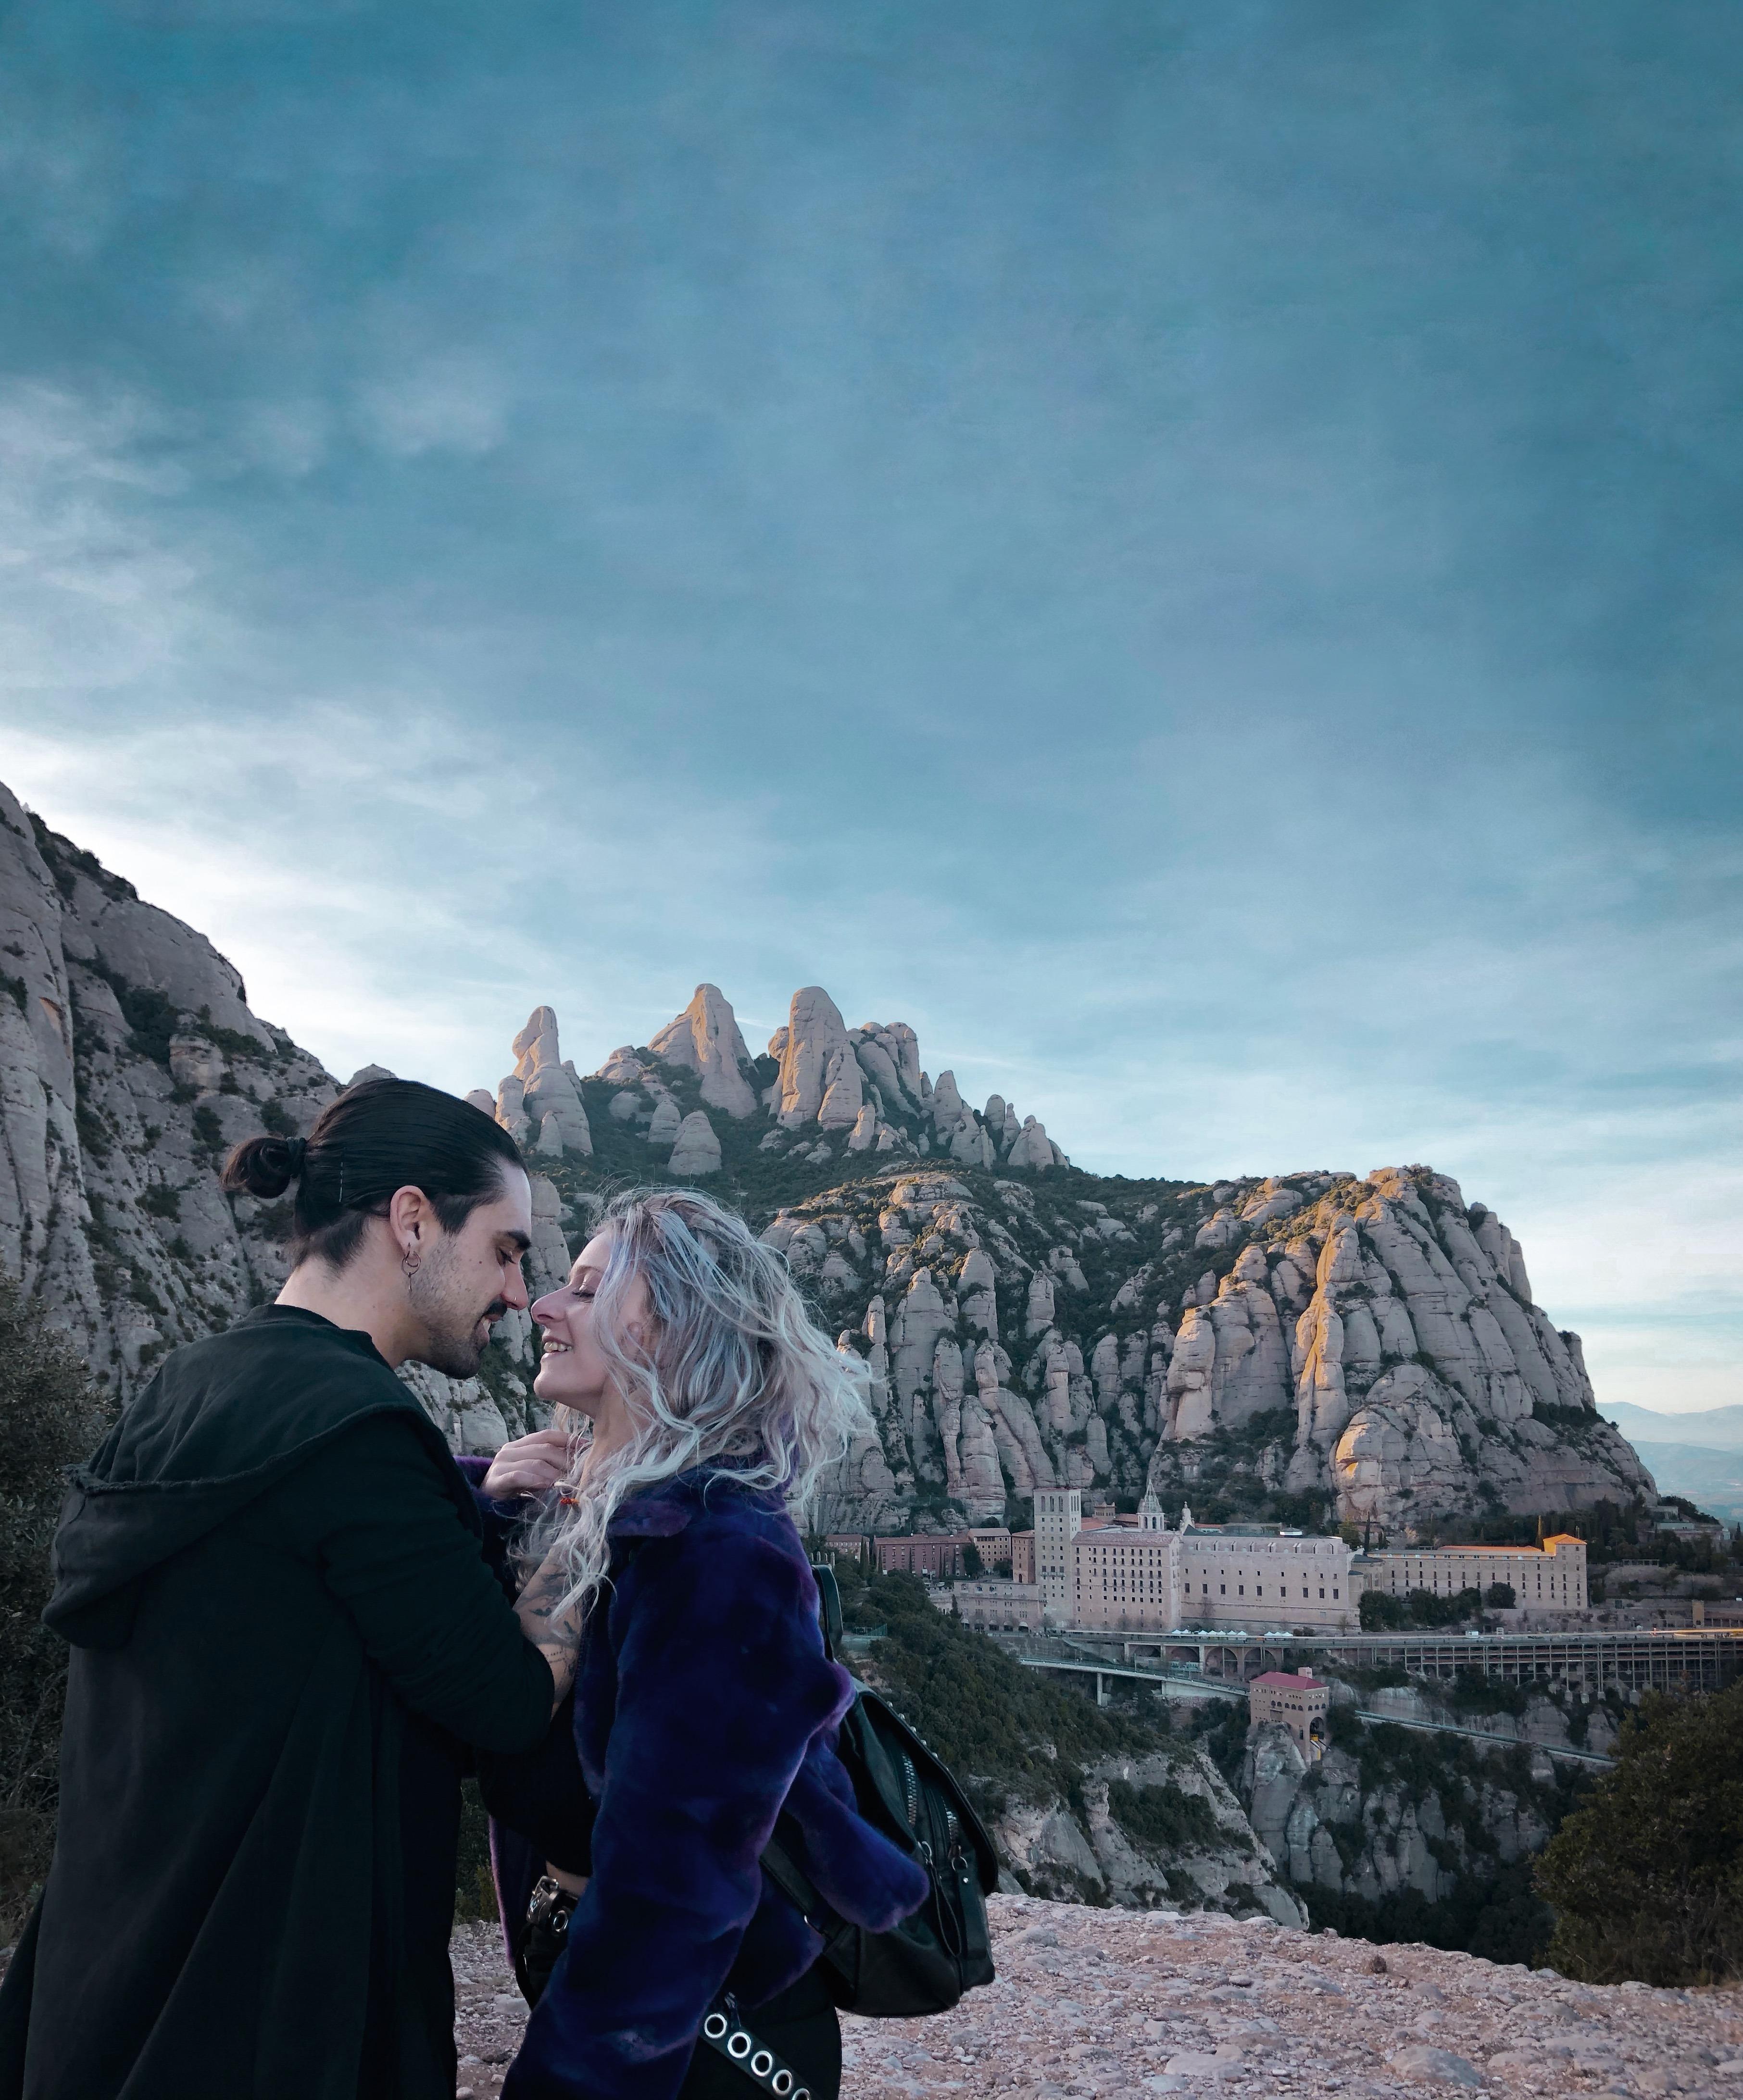 El monasterio de Montserrat y la Virgen negra «La Moreneta»<strong></strong>